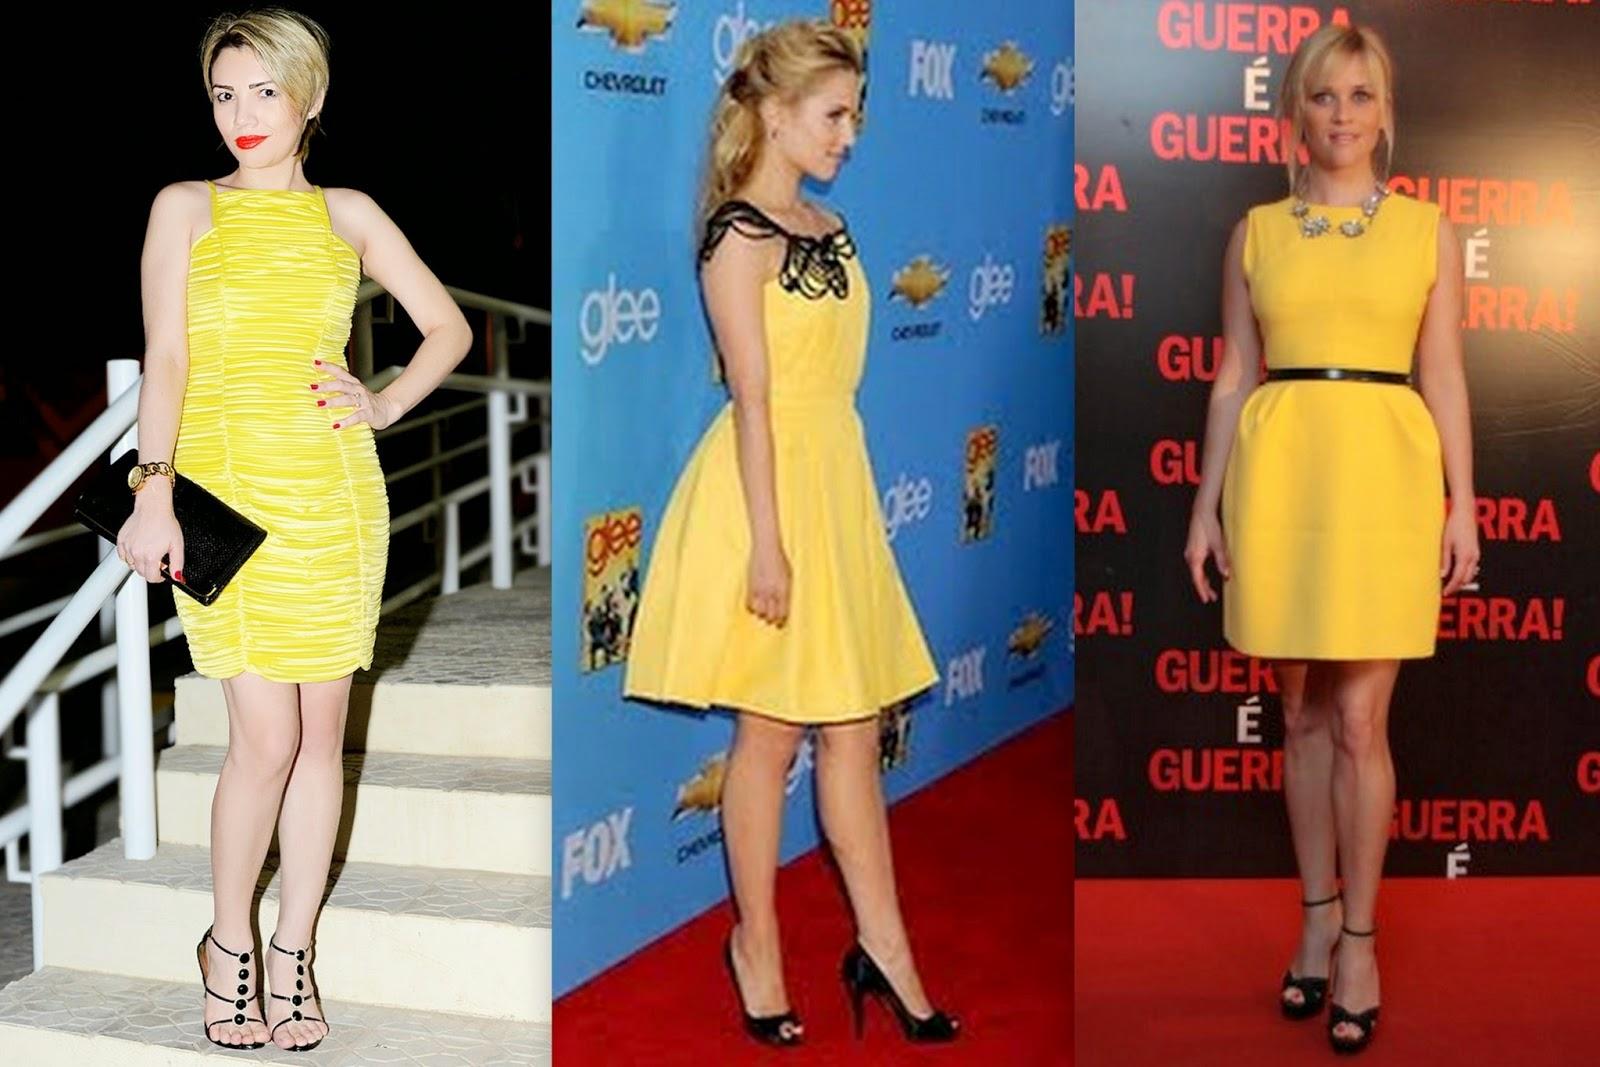 Vestido azul e preto ou amarelo